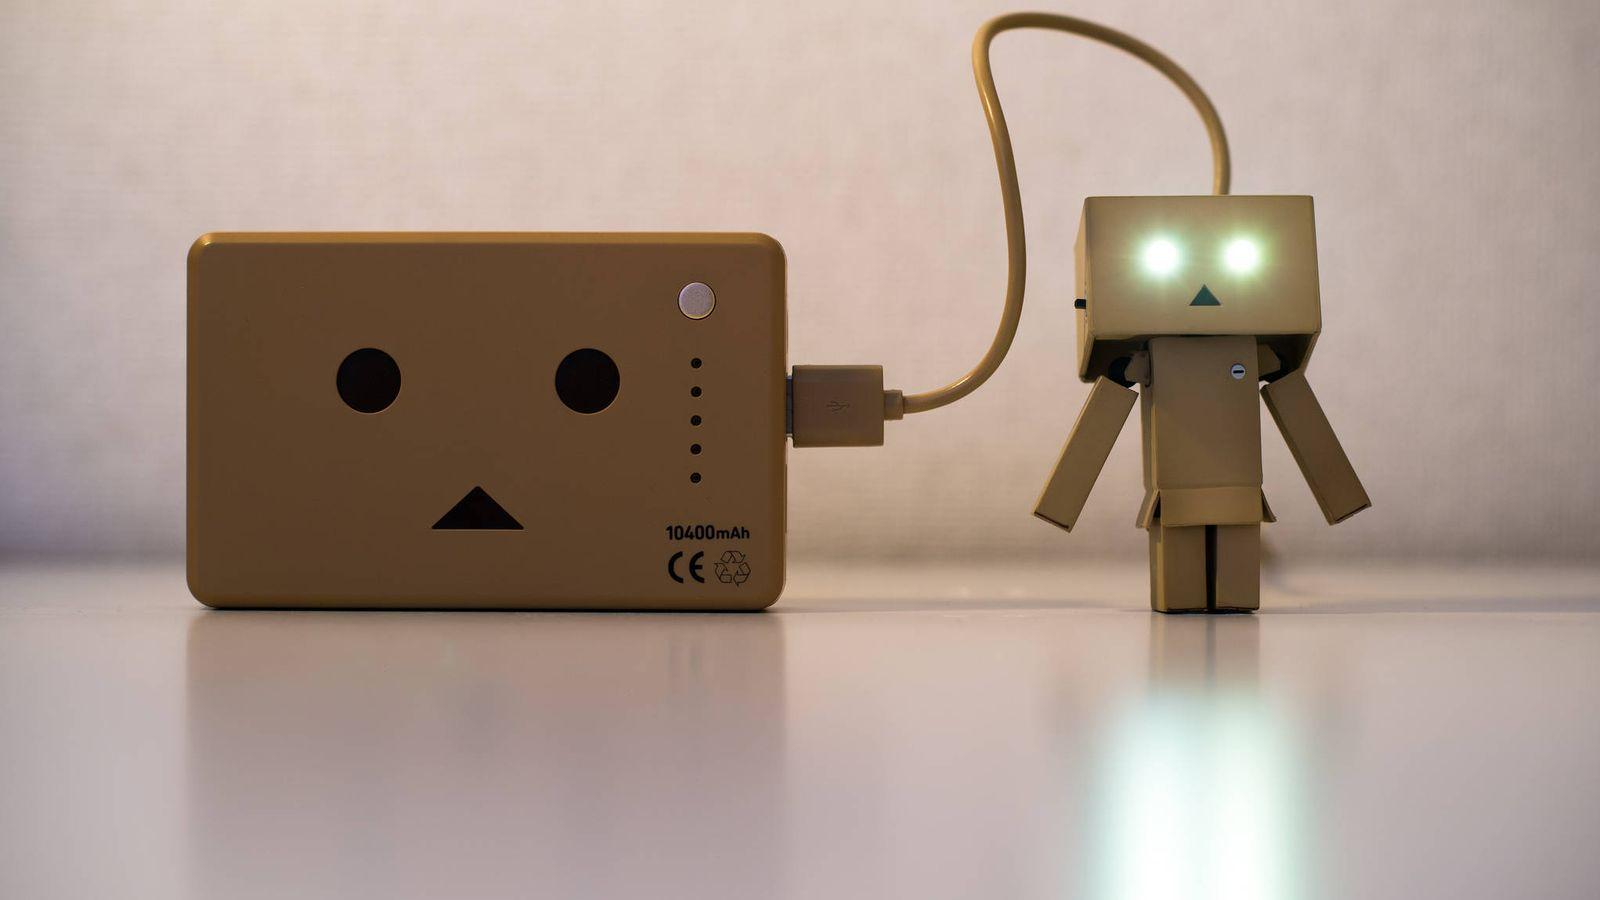 Foto:  El cable, el cargador, la ranura… Son muchos los factores que influyen en el buen estado de la batería (Imagen: Takashi Hososhima   Flickr)